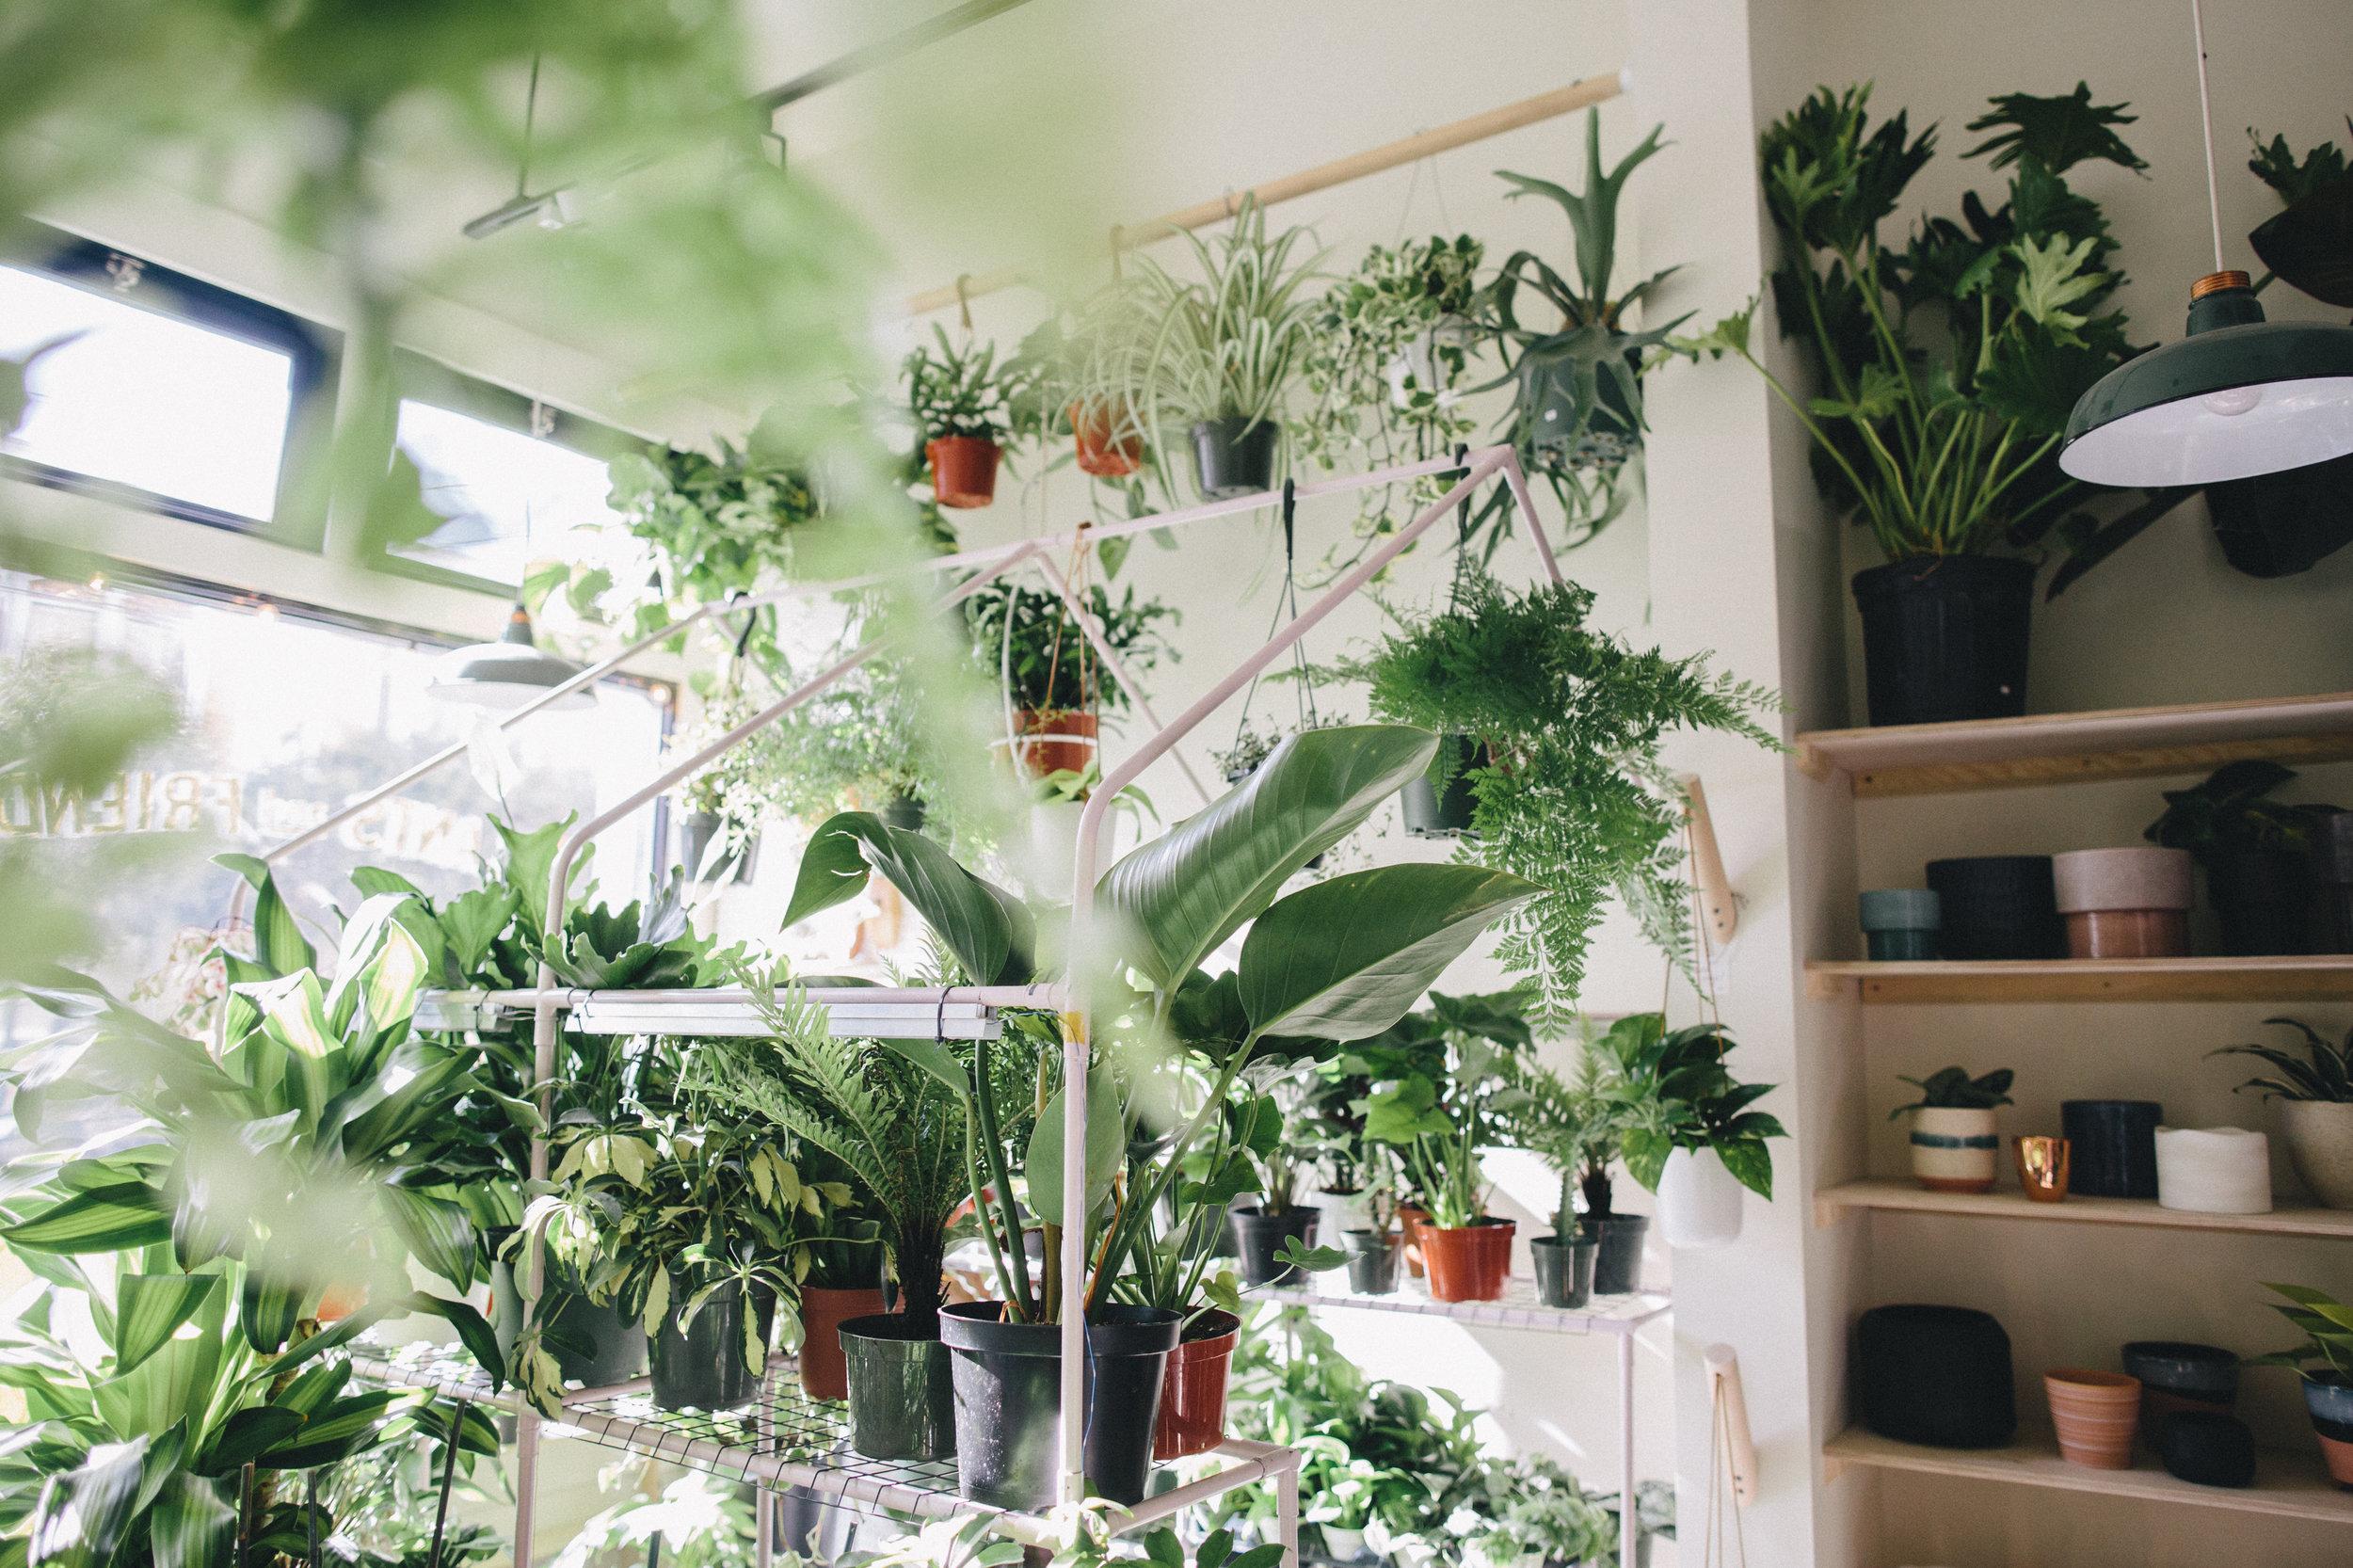 PlantsandFriends2018-96.JPG